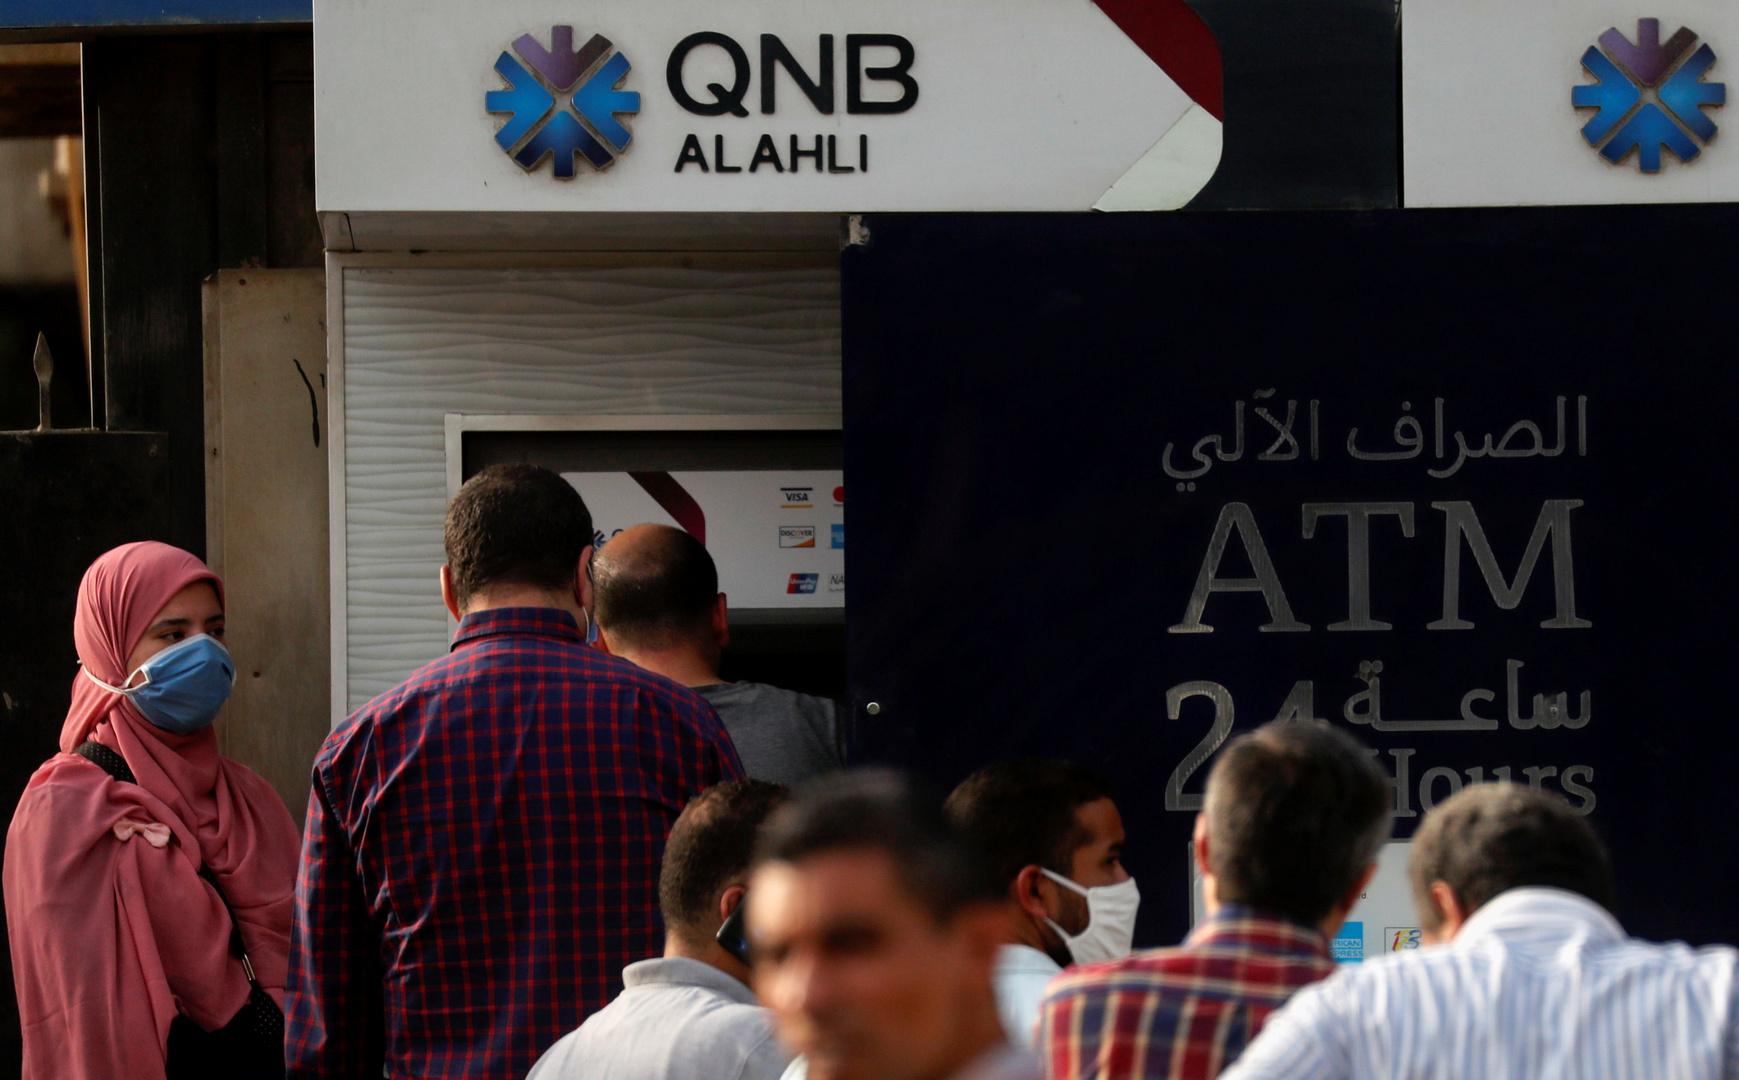 مصر تعلن عن تطورات بشأن علاج